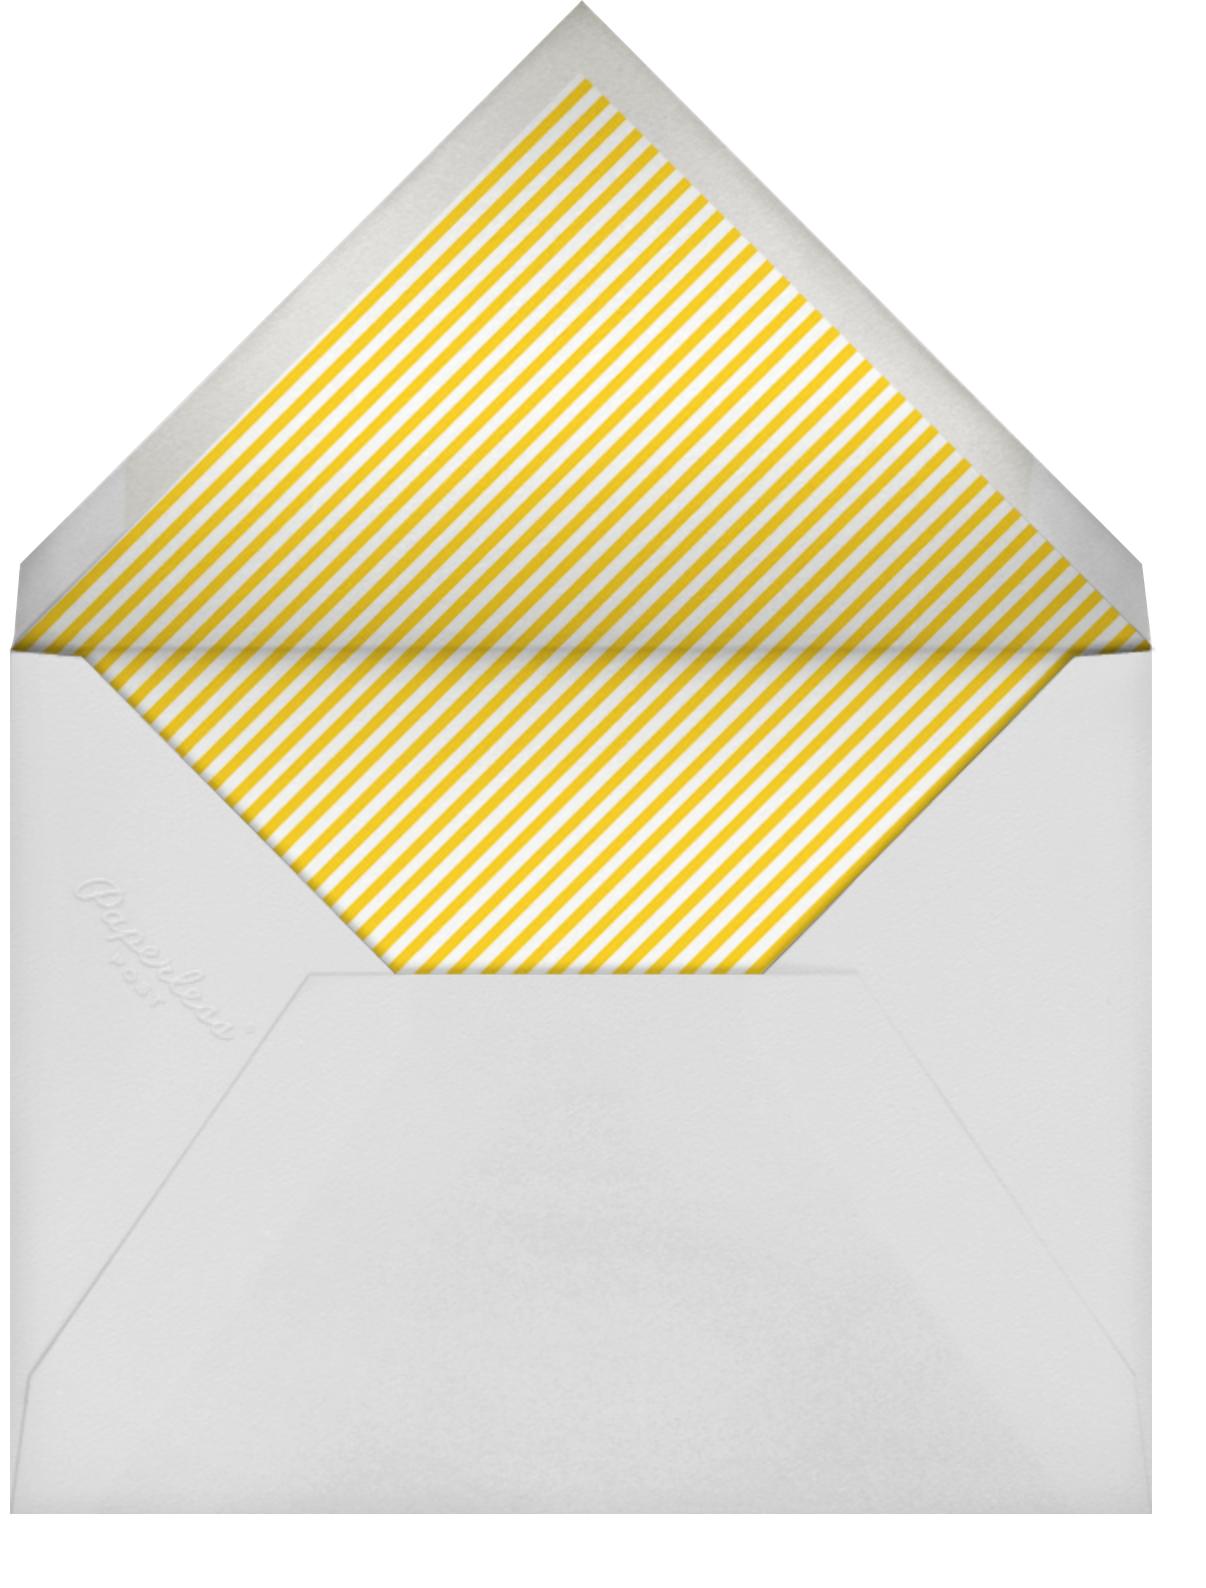 Sweden in the Summer - Brights - Mr. Boddington's Studio - Baby shower - envelope back